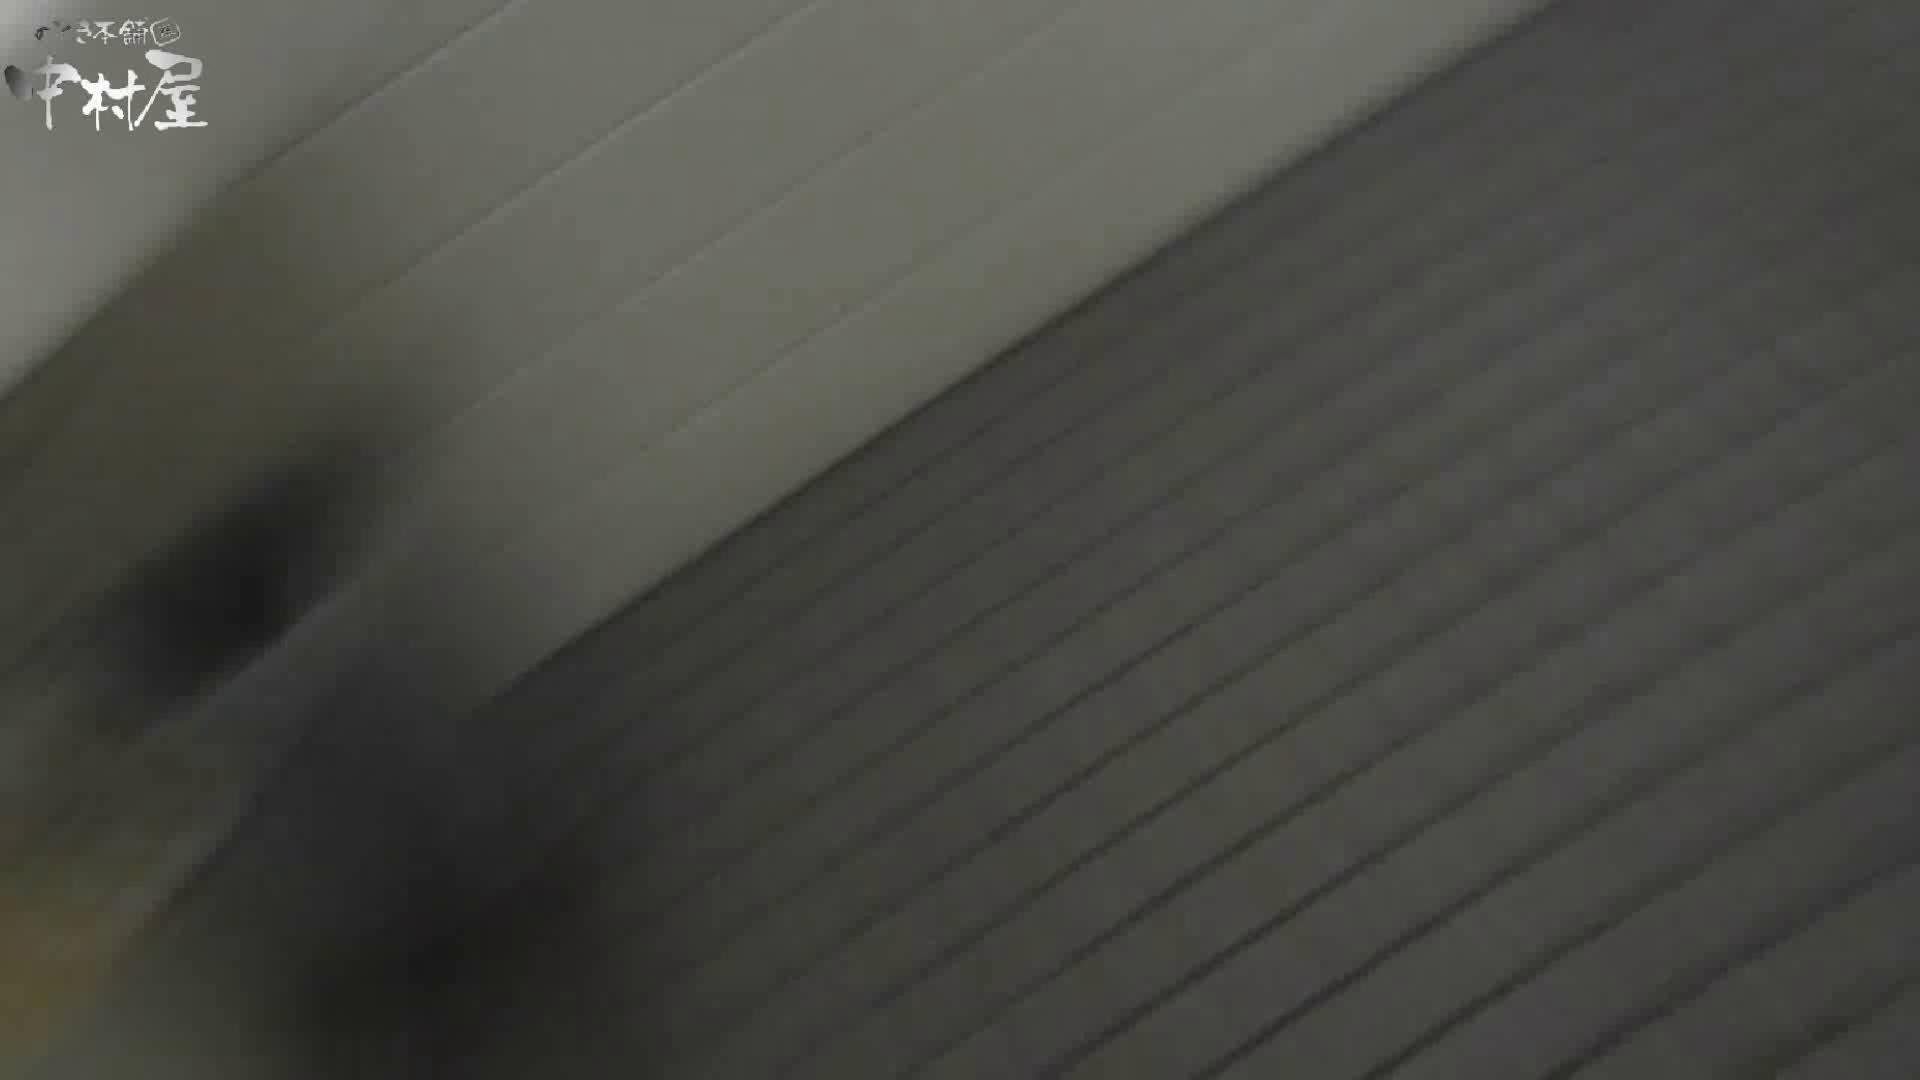 魂のかわや盗撮62連発! ロンハーギャル! 45発目! ギャルのエロ動画 スケベ動画紹介 102PIX 65